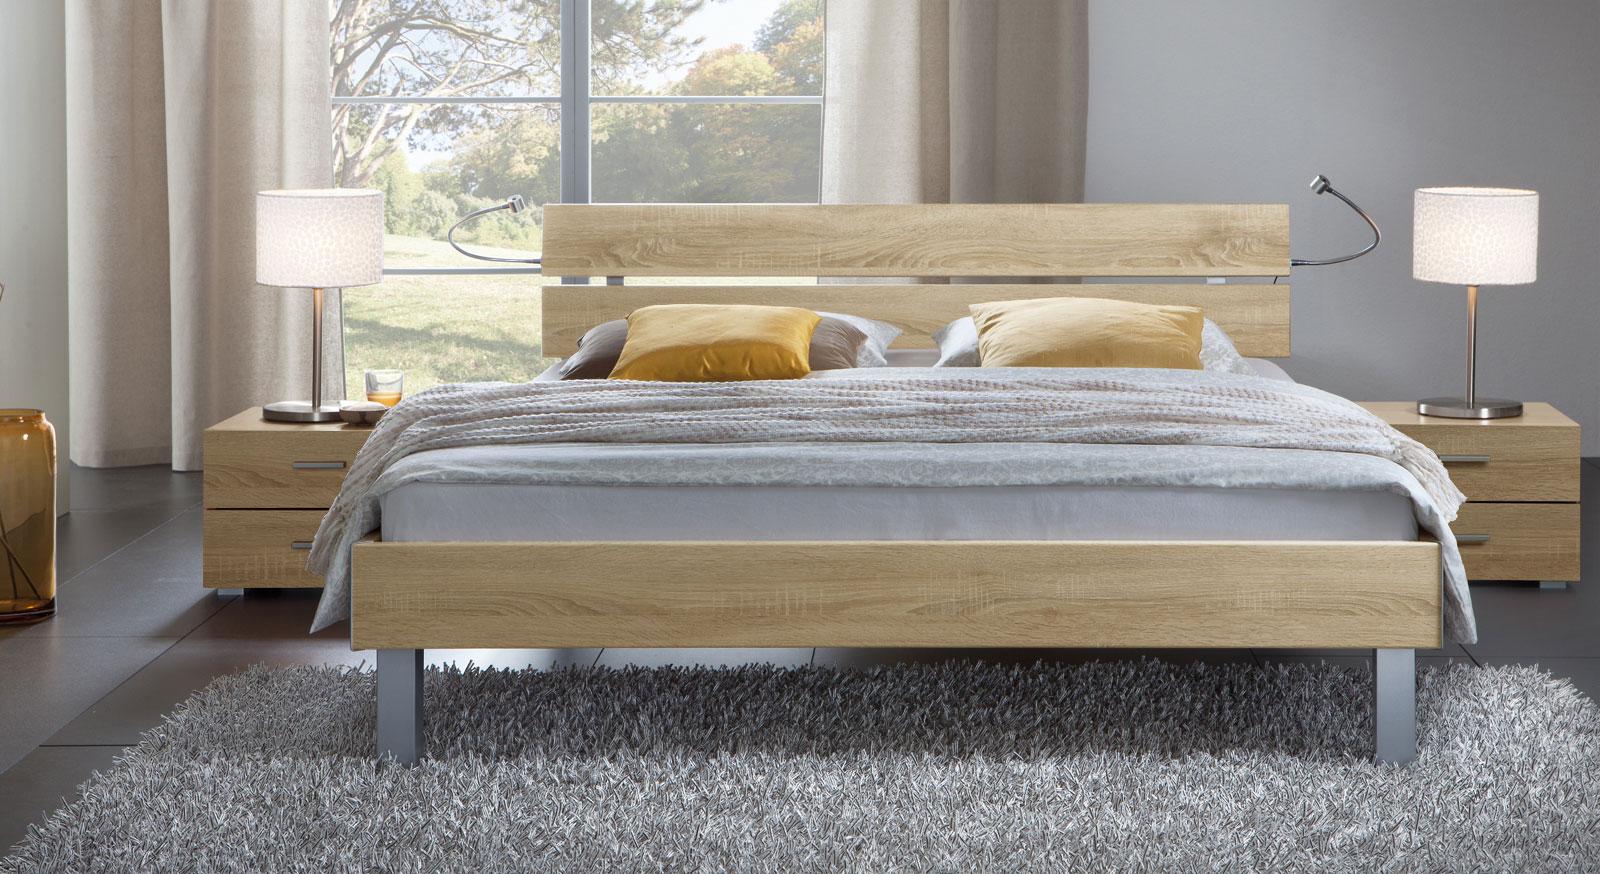 betten und bettgestelle im test und vergleich 2018. Black Bedroom Furniture Sets. Home Design Ideas